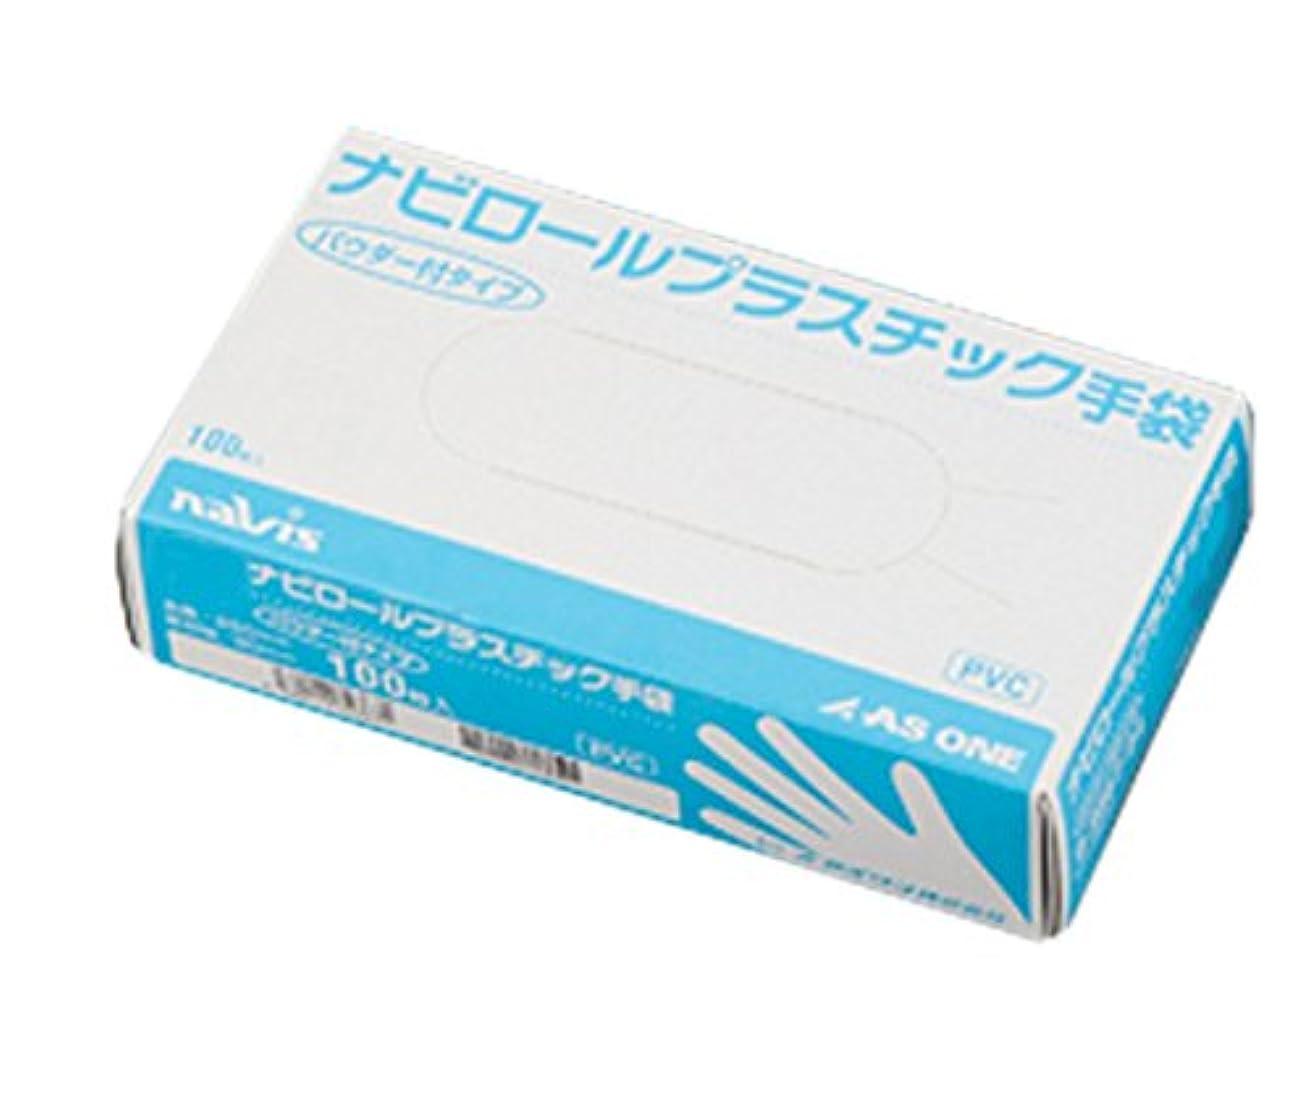 シェア技術的な症状アズワン ナビロールプラスチック手袋(パウダー付き) L 100枚入 /0-9867-01